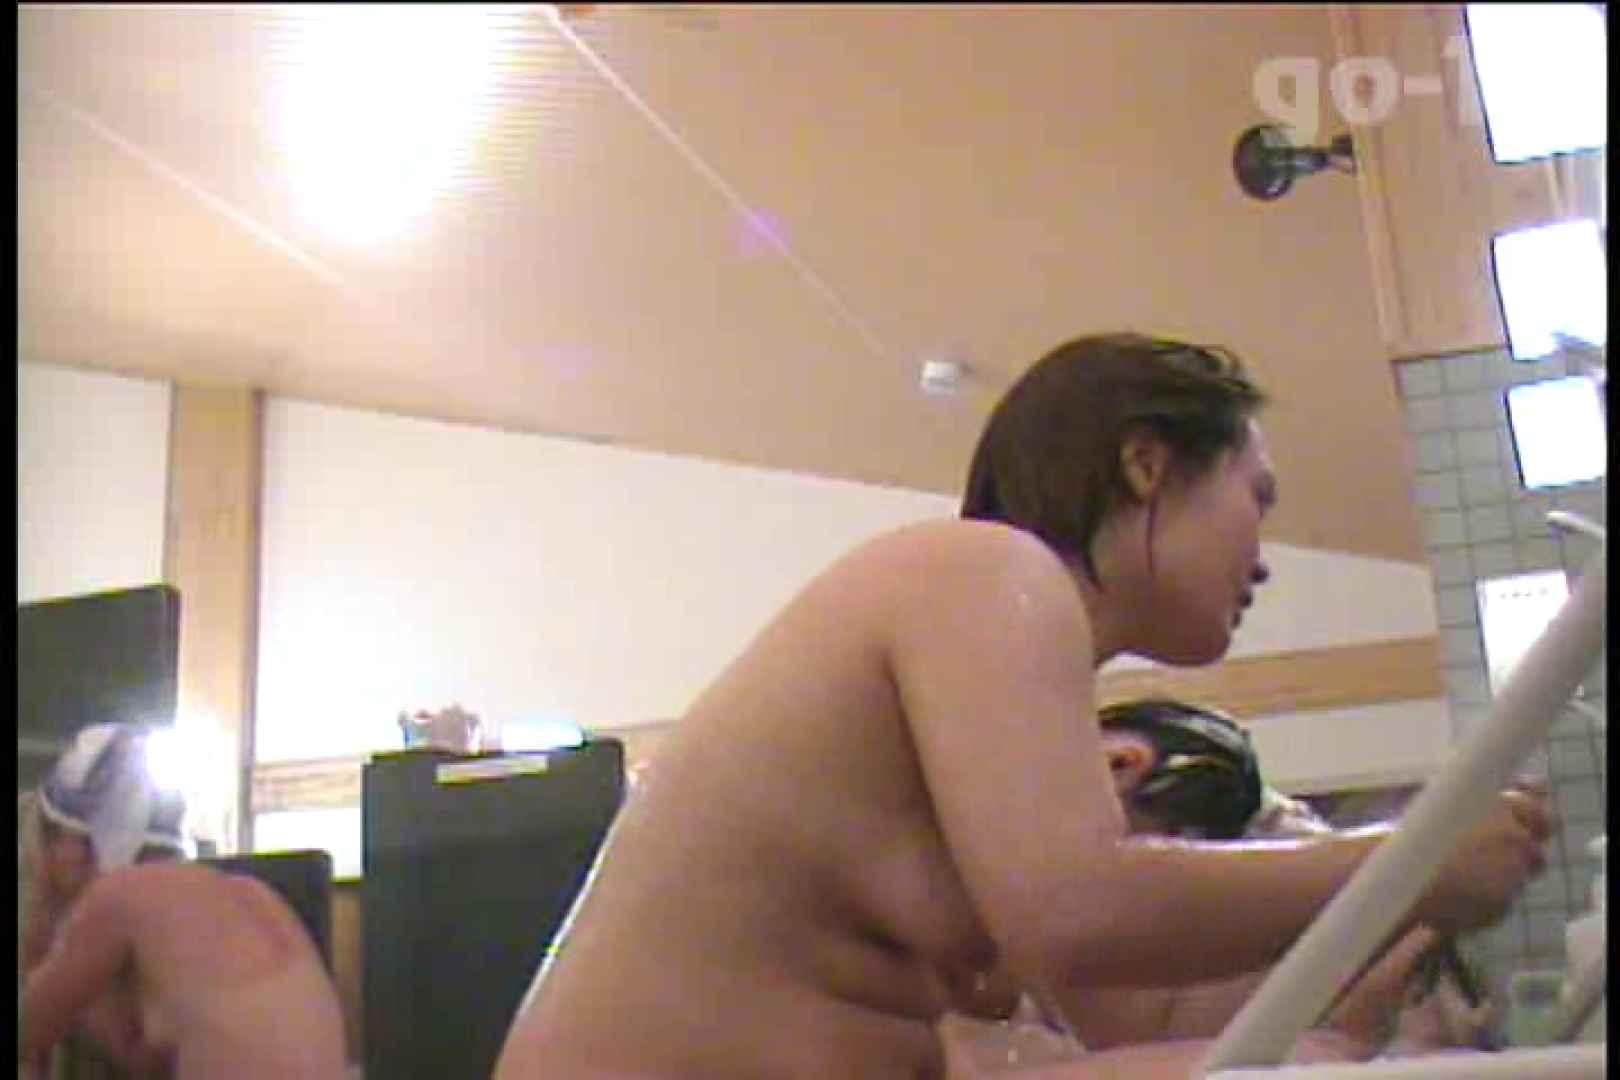 電波カメラ設置浴場からの防HAN映像 Vol.15 女体盗撮 盗撮オメコ無修正動画無料 90連発 77